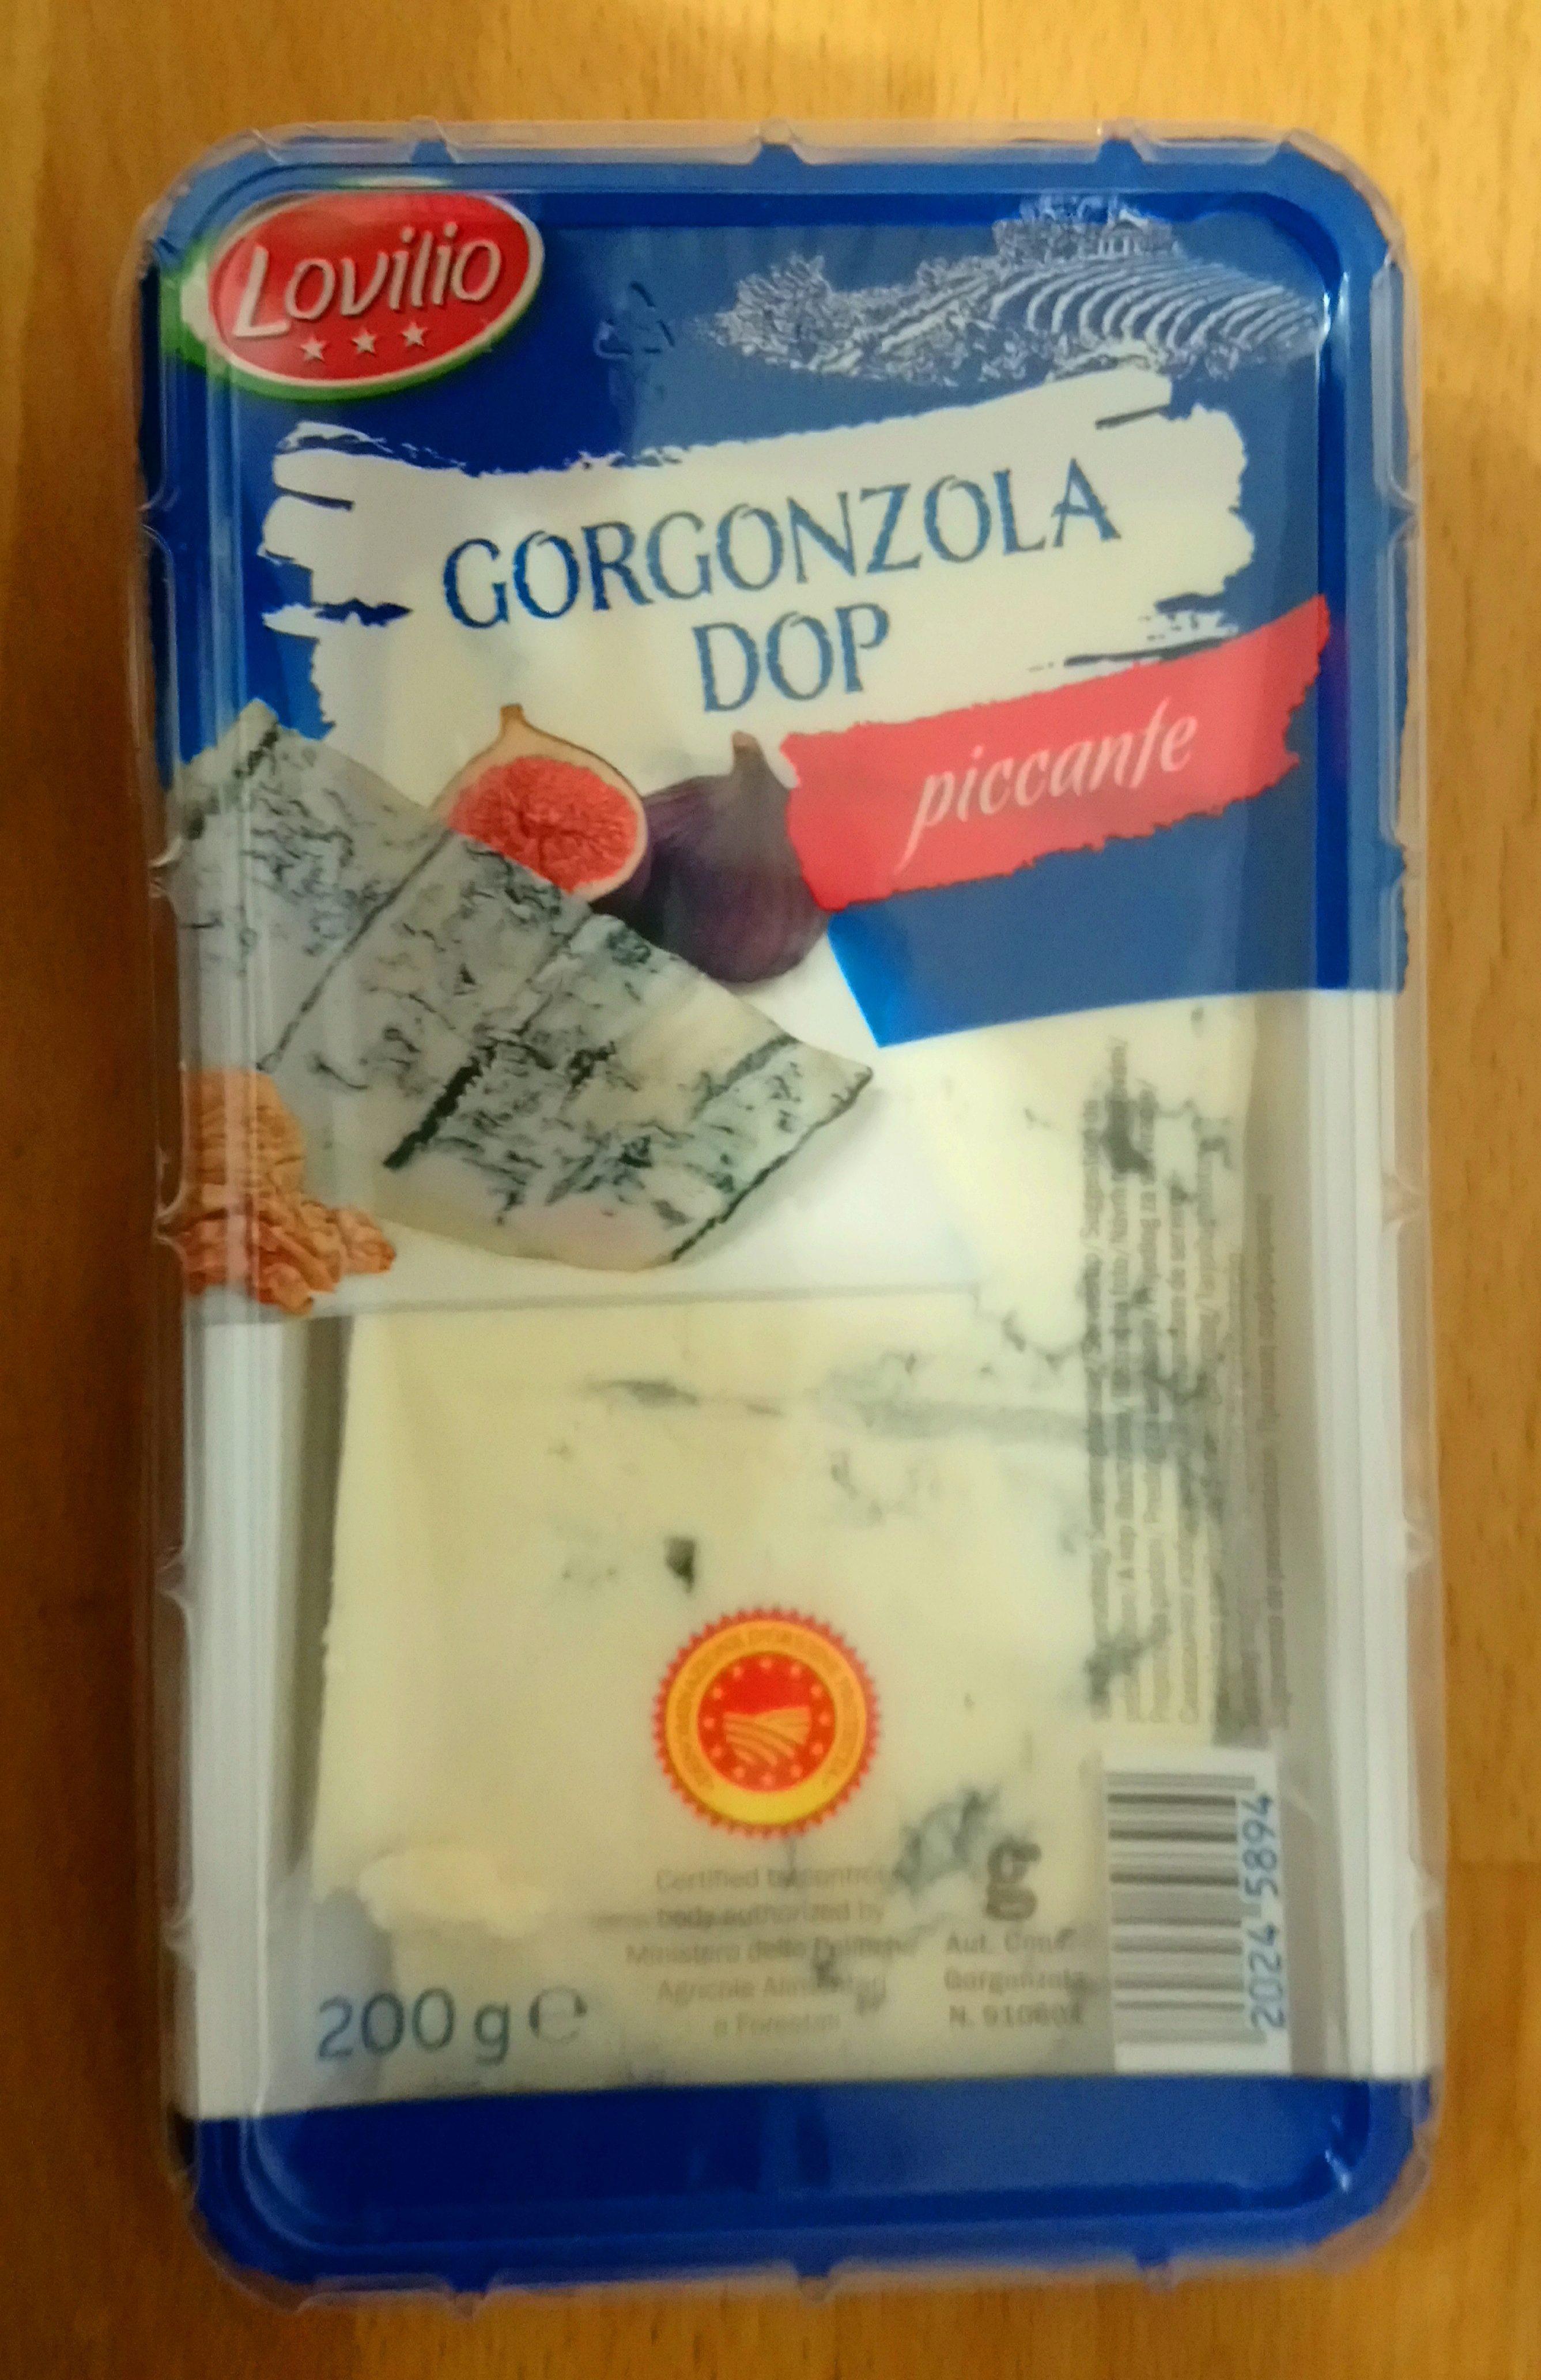 Gorgonzola Dop Piccante, 200g - Produit - de